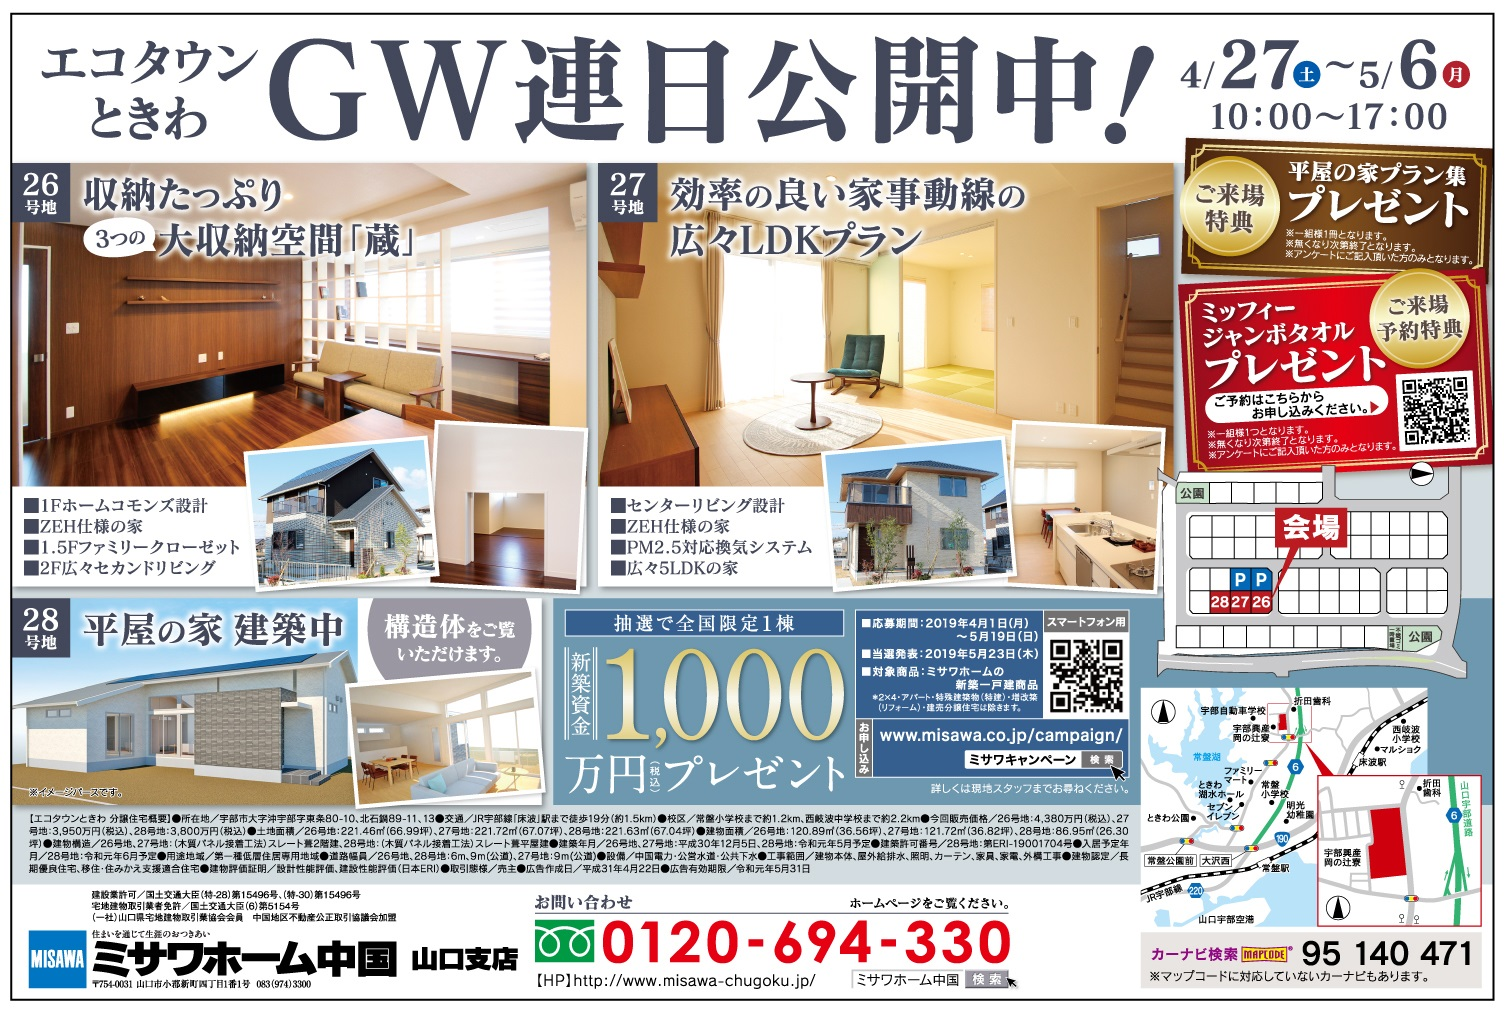 画像:GW連日公開中! &平屋構造体見学会開催